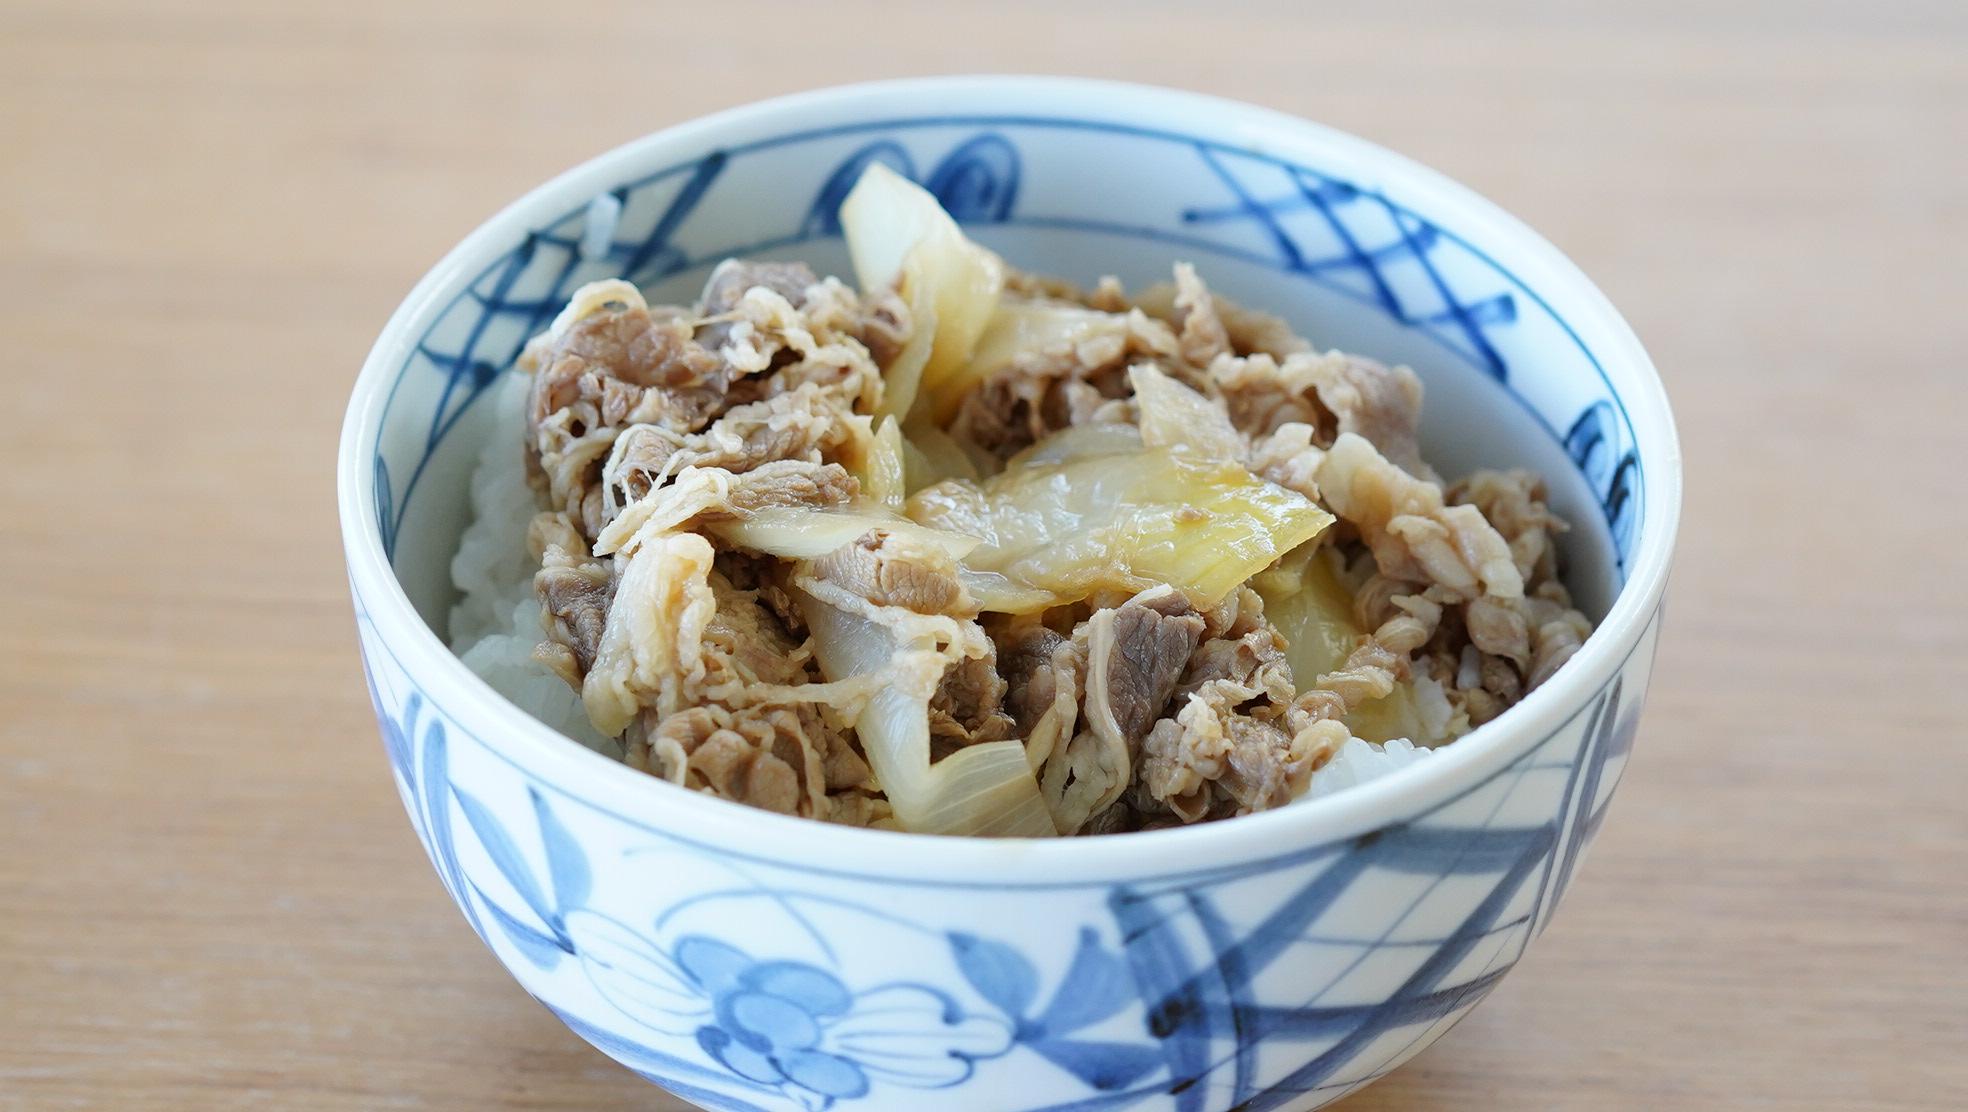 コストコのおすすめ冷凍食品「吉野家のミニ牛丼の具」を電子レンジで温めてご飯に乗せた写真